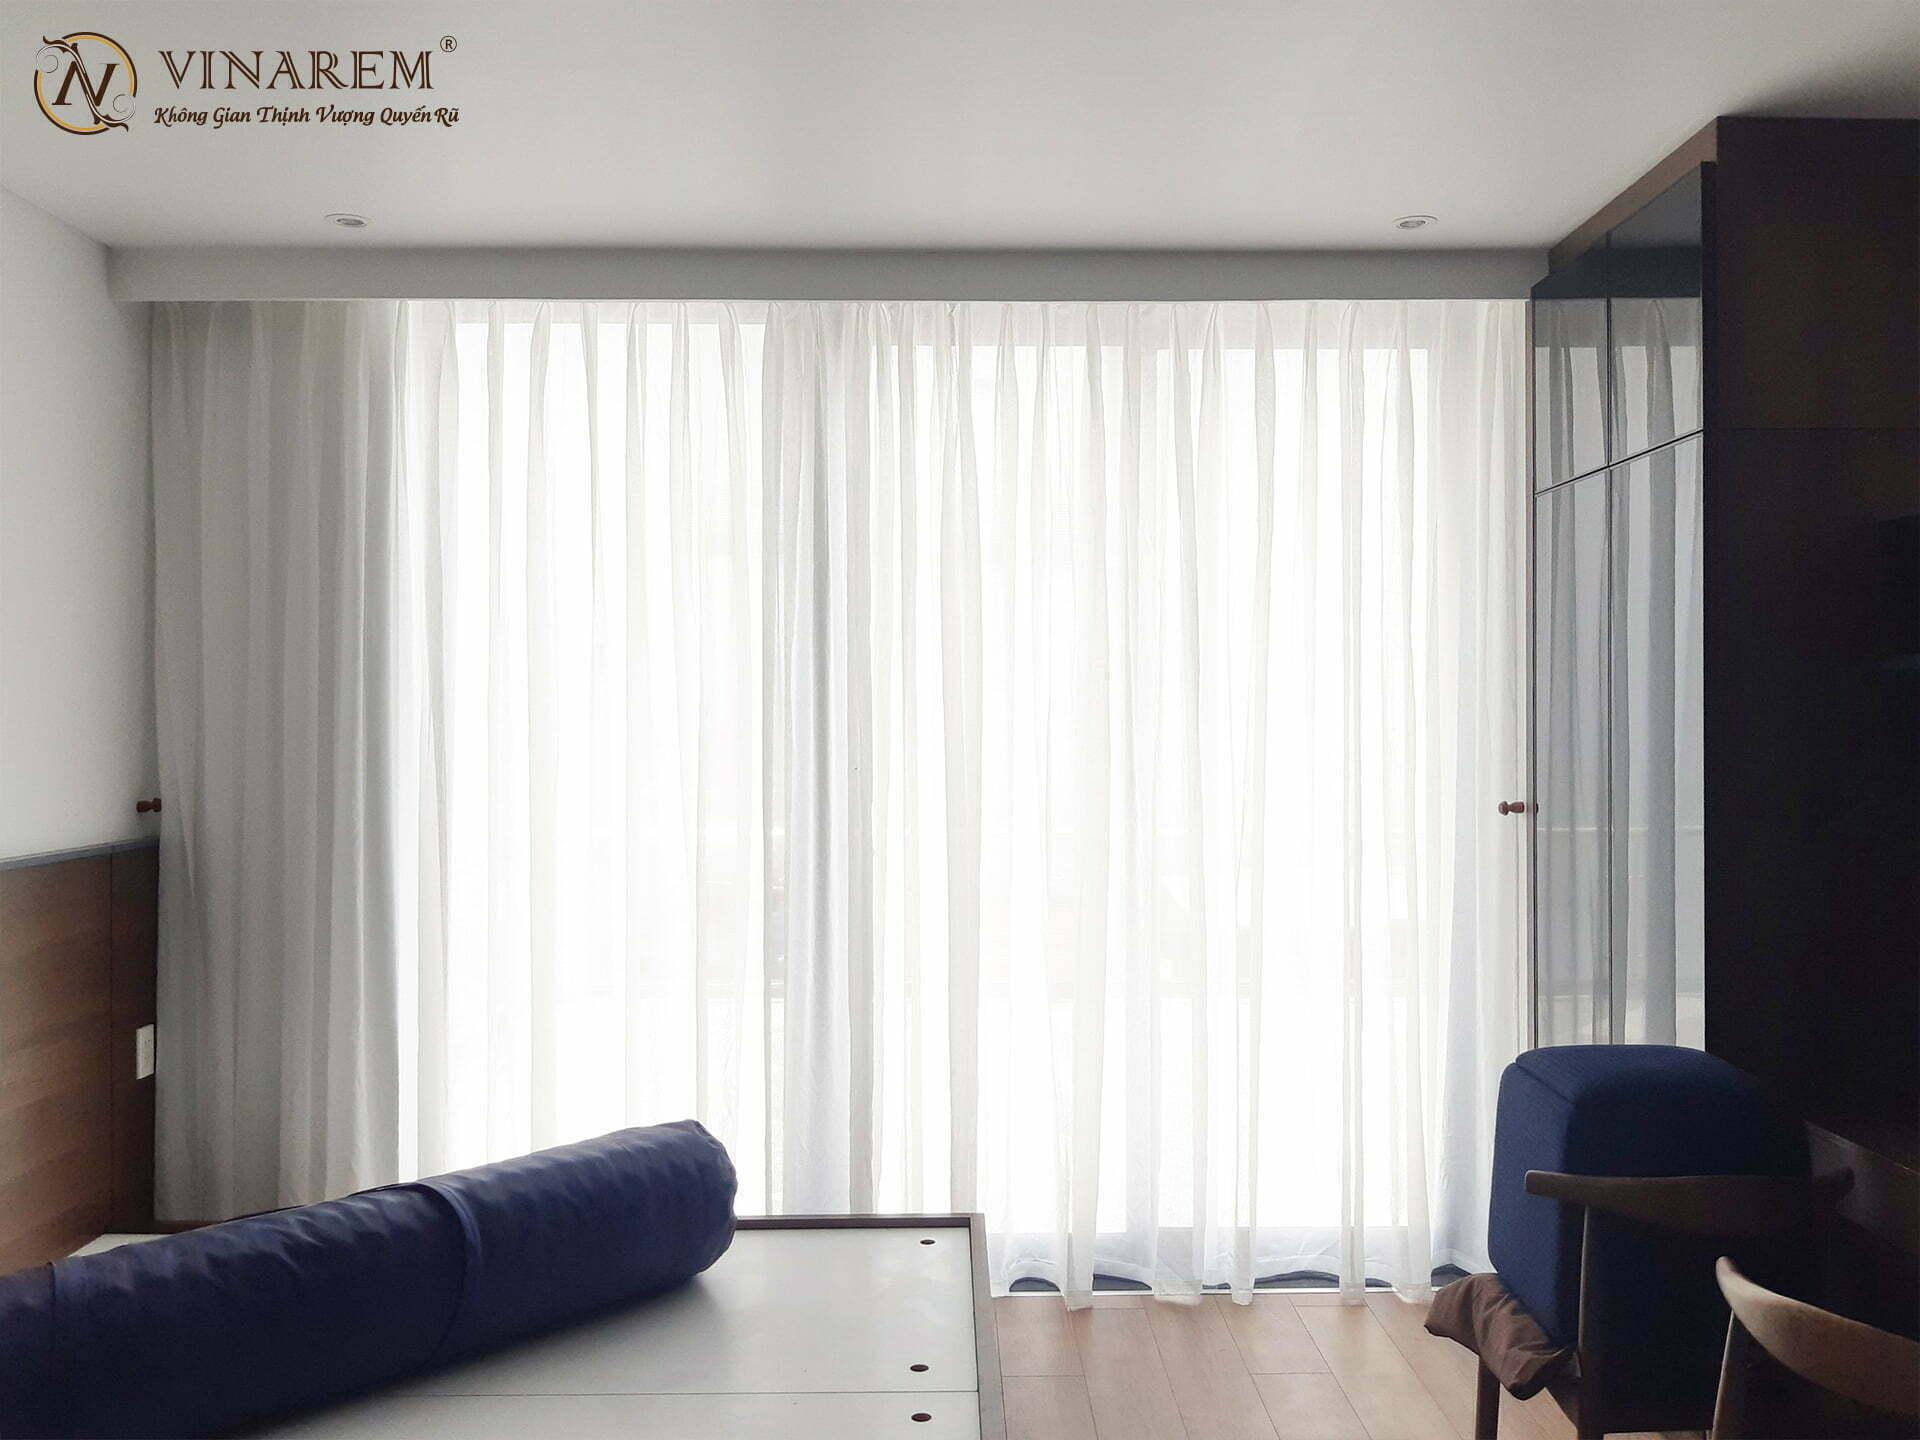 Rèm voan cao cấp trang trí phòng ngủ